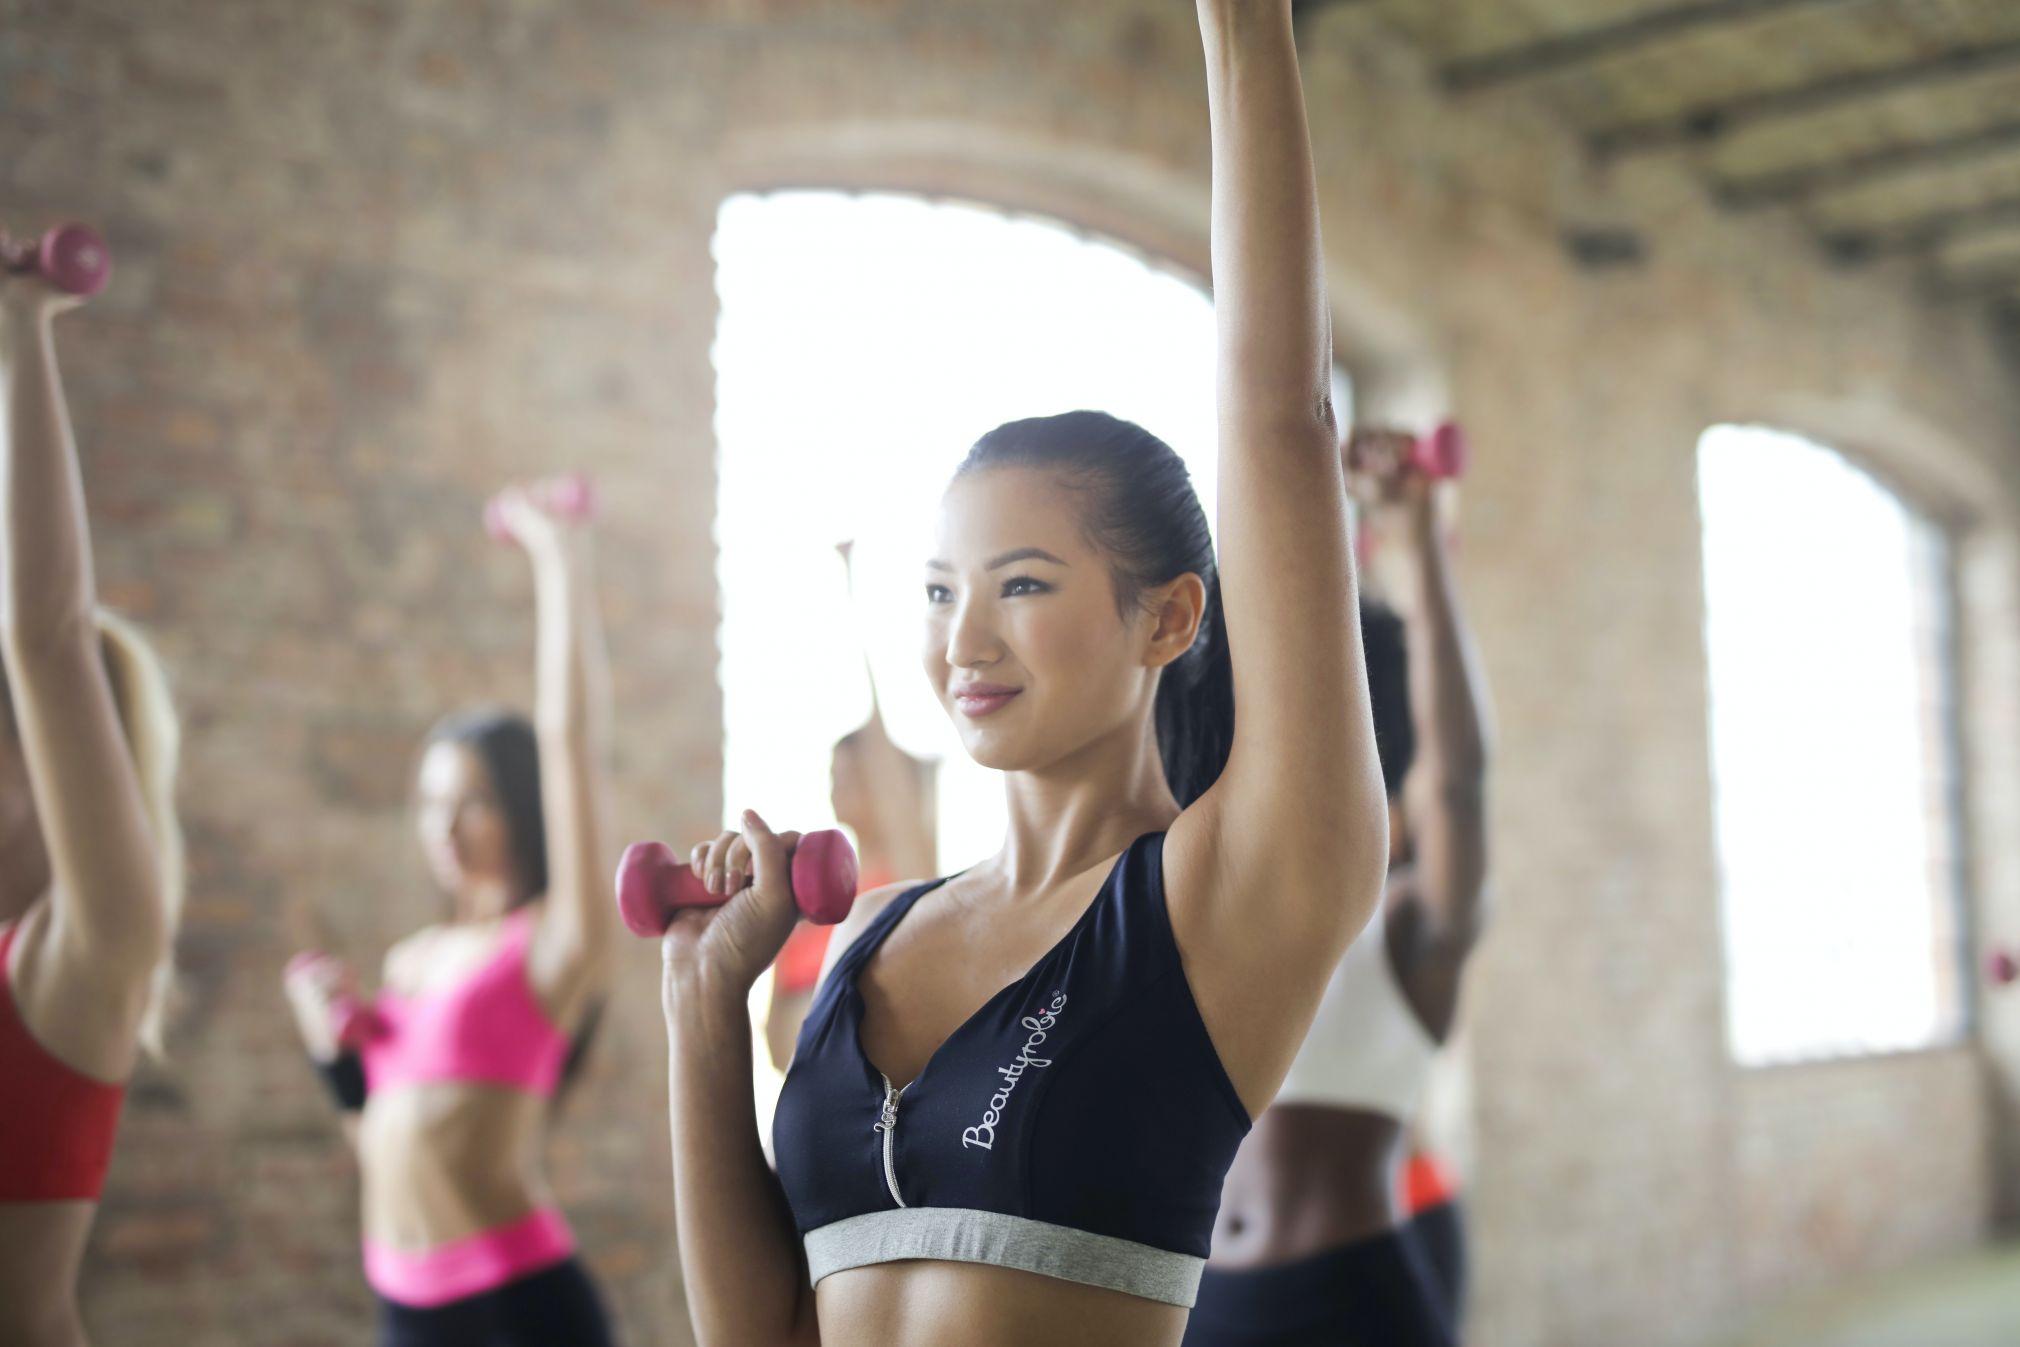 women doing exercise raising left hands while holding dumbbells inside room